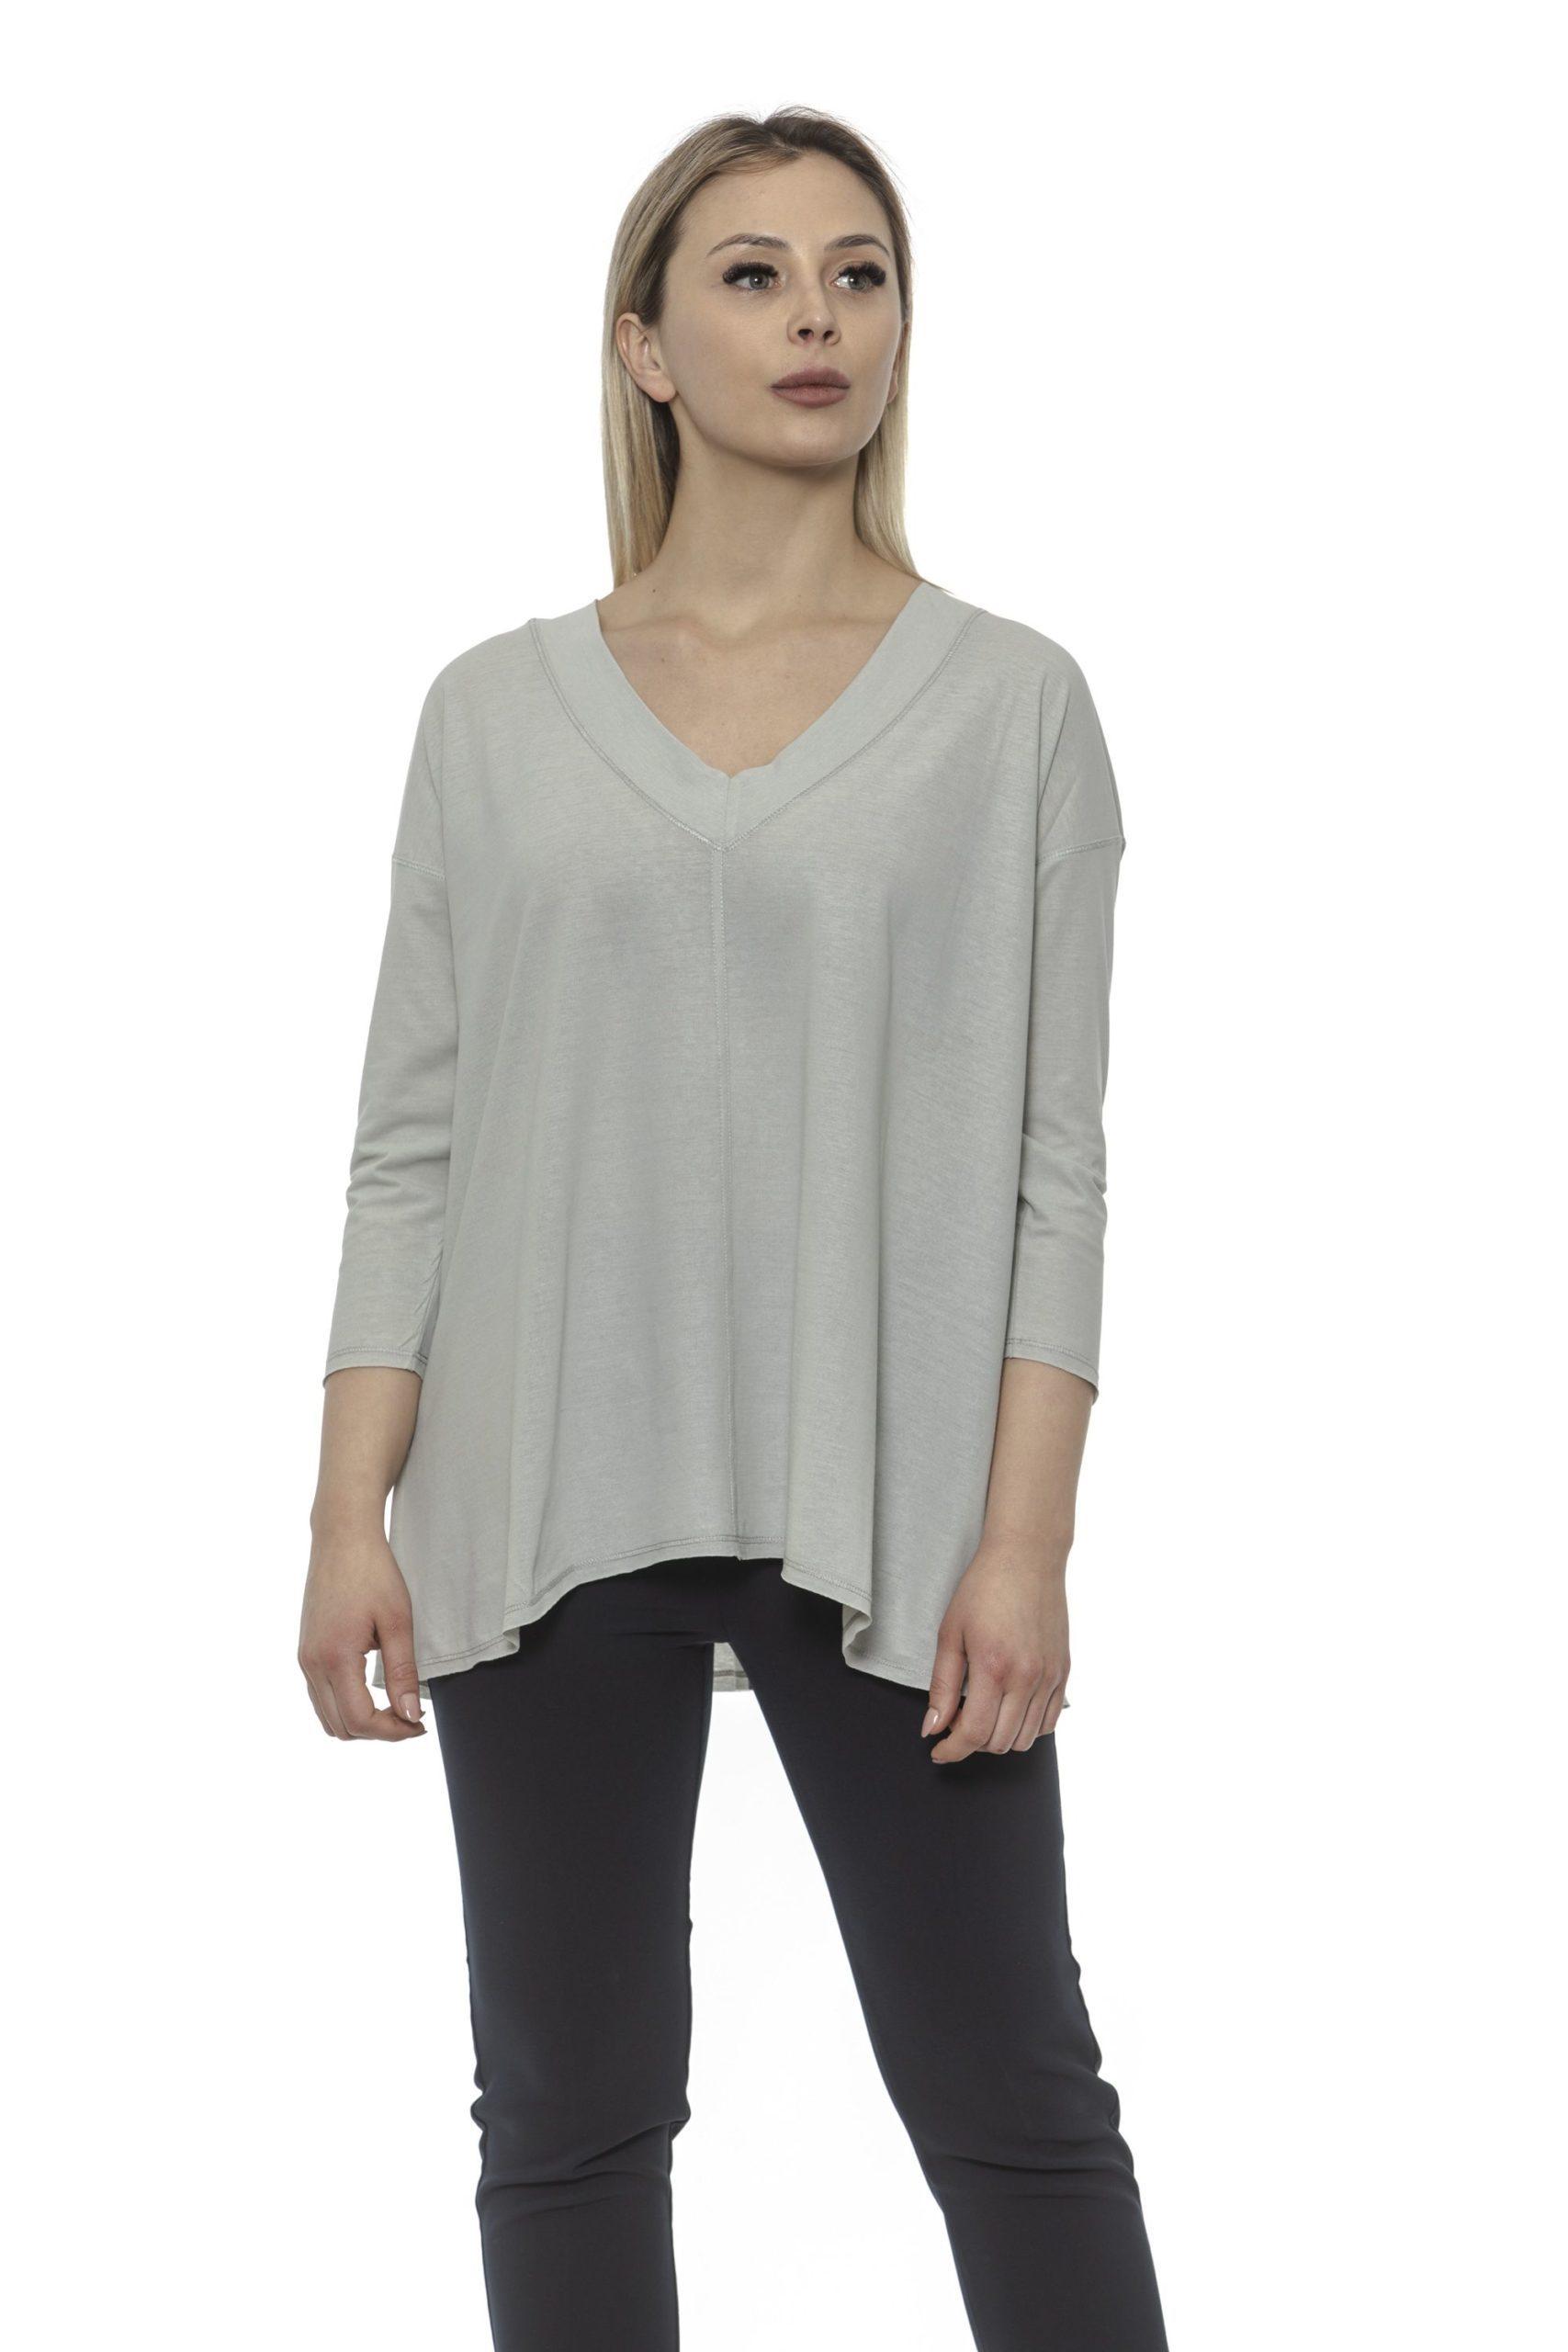 Alpha Studio Women's Perla Sweater Gray AL1375057 - IT40   XS